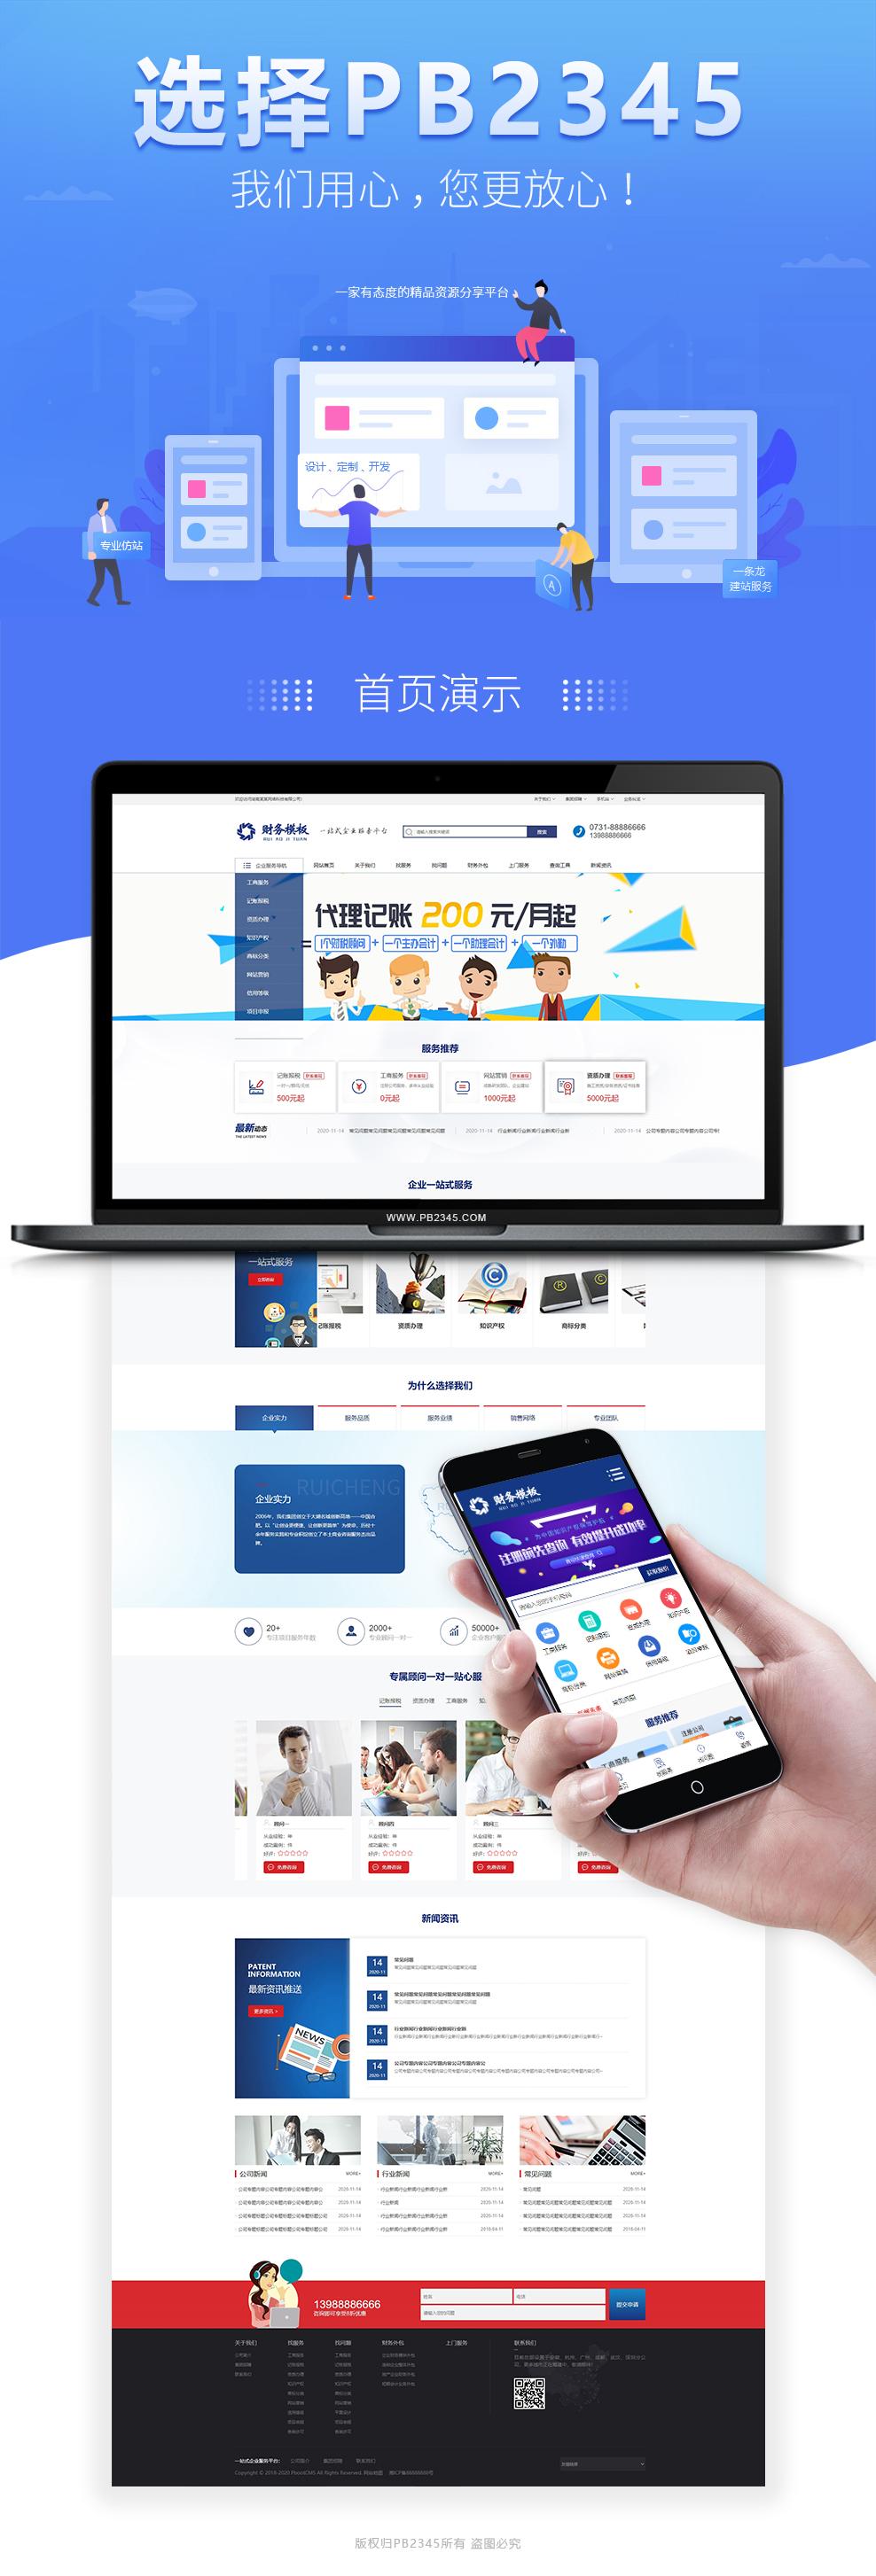 财务注册公司工商服务类企业网站Pbootcms模板(带手机端)整站源码